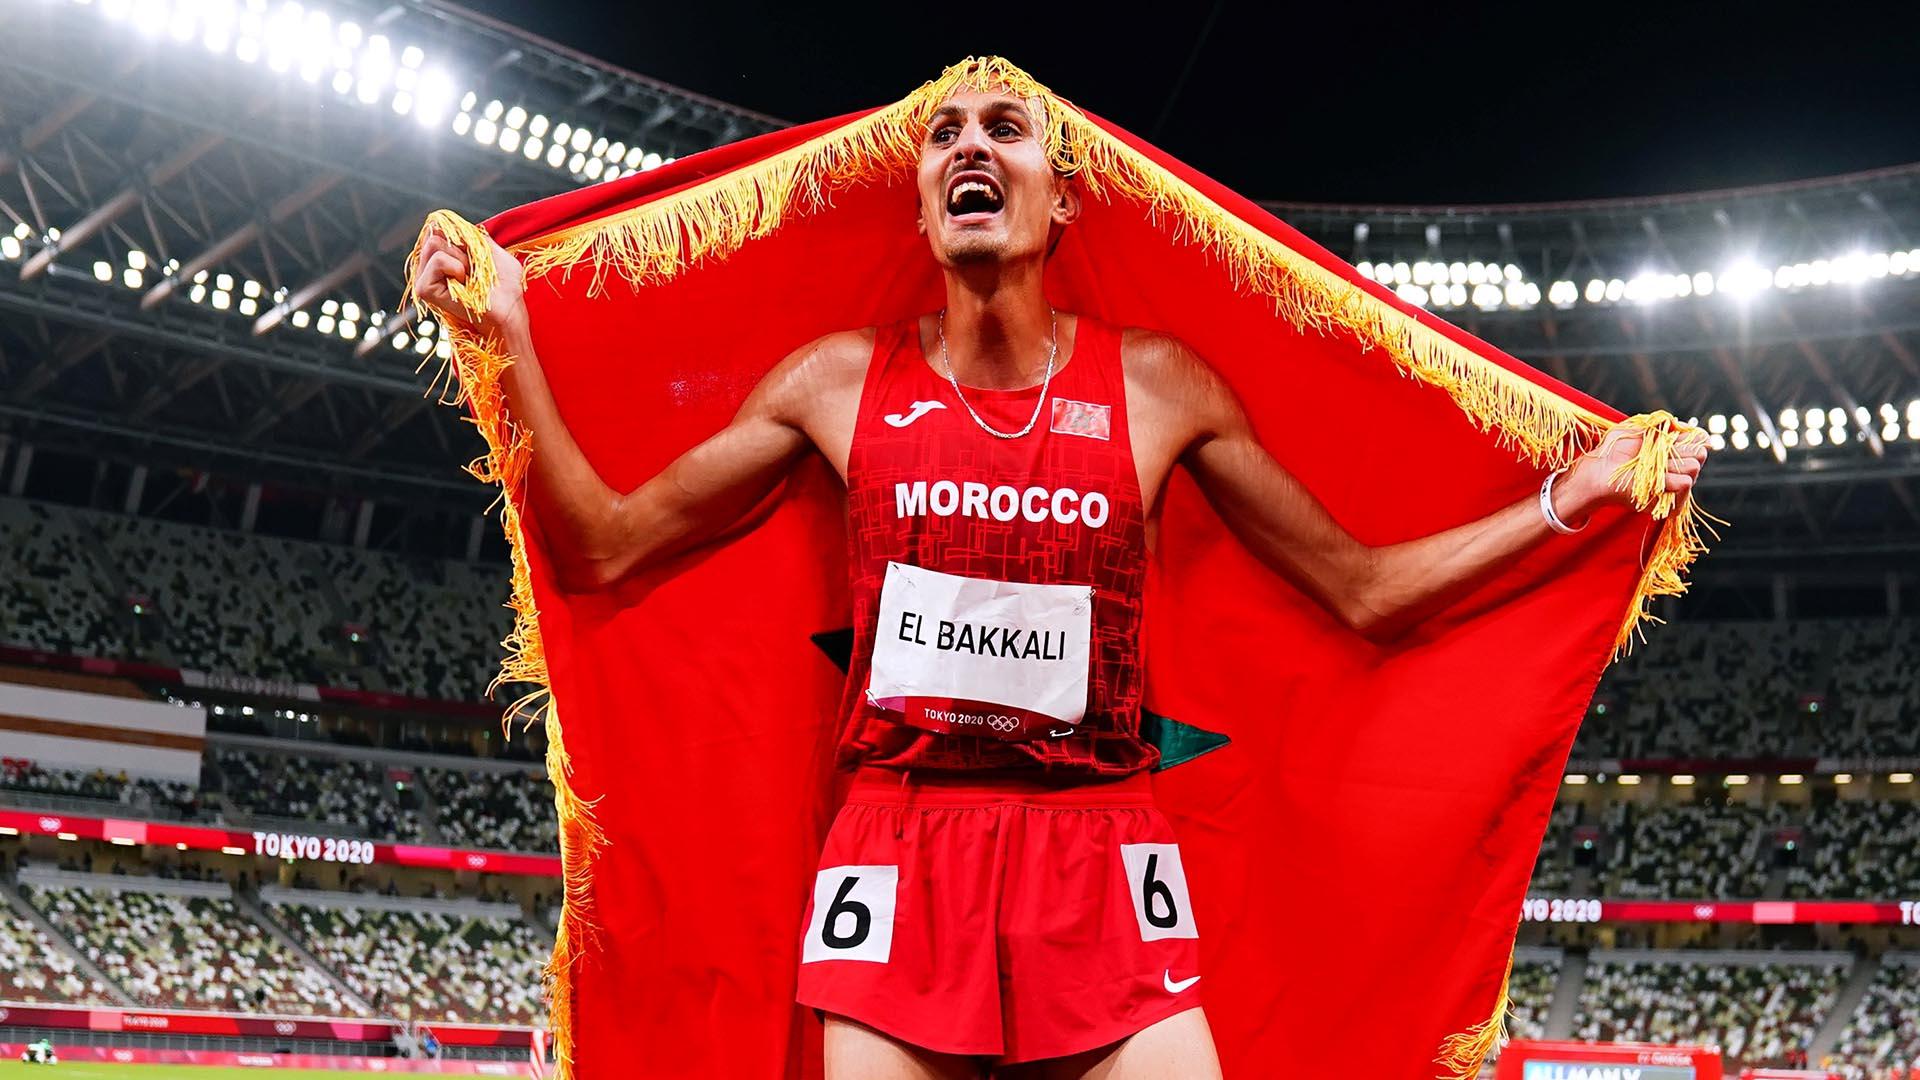 Image for Moroccan El Bakkali ends Kenyan steeplechase domination